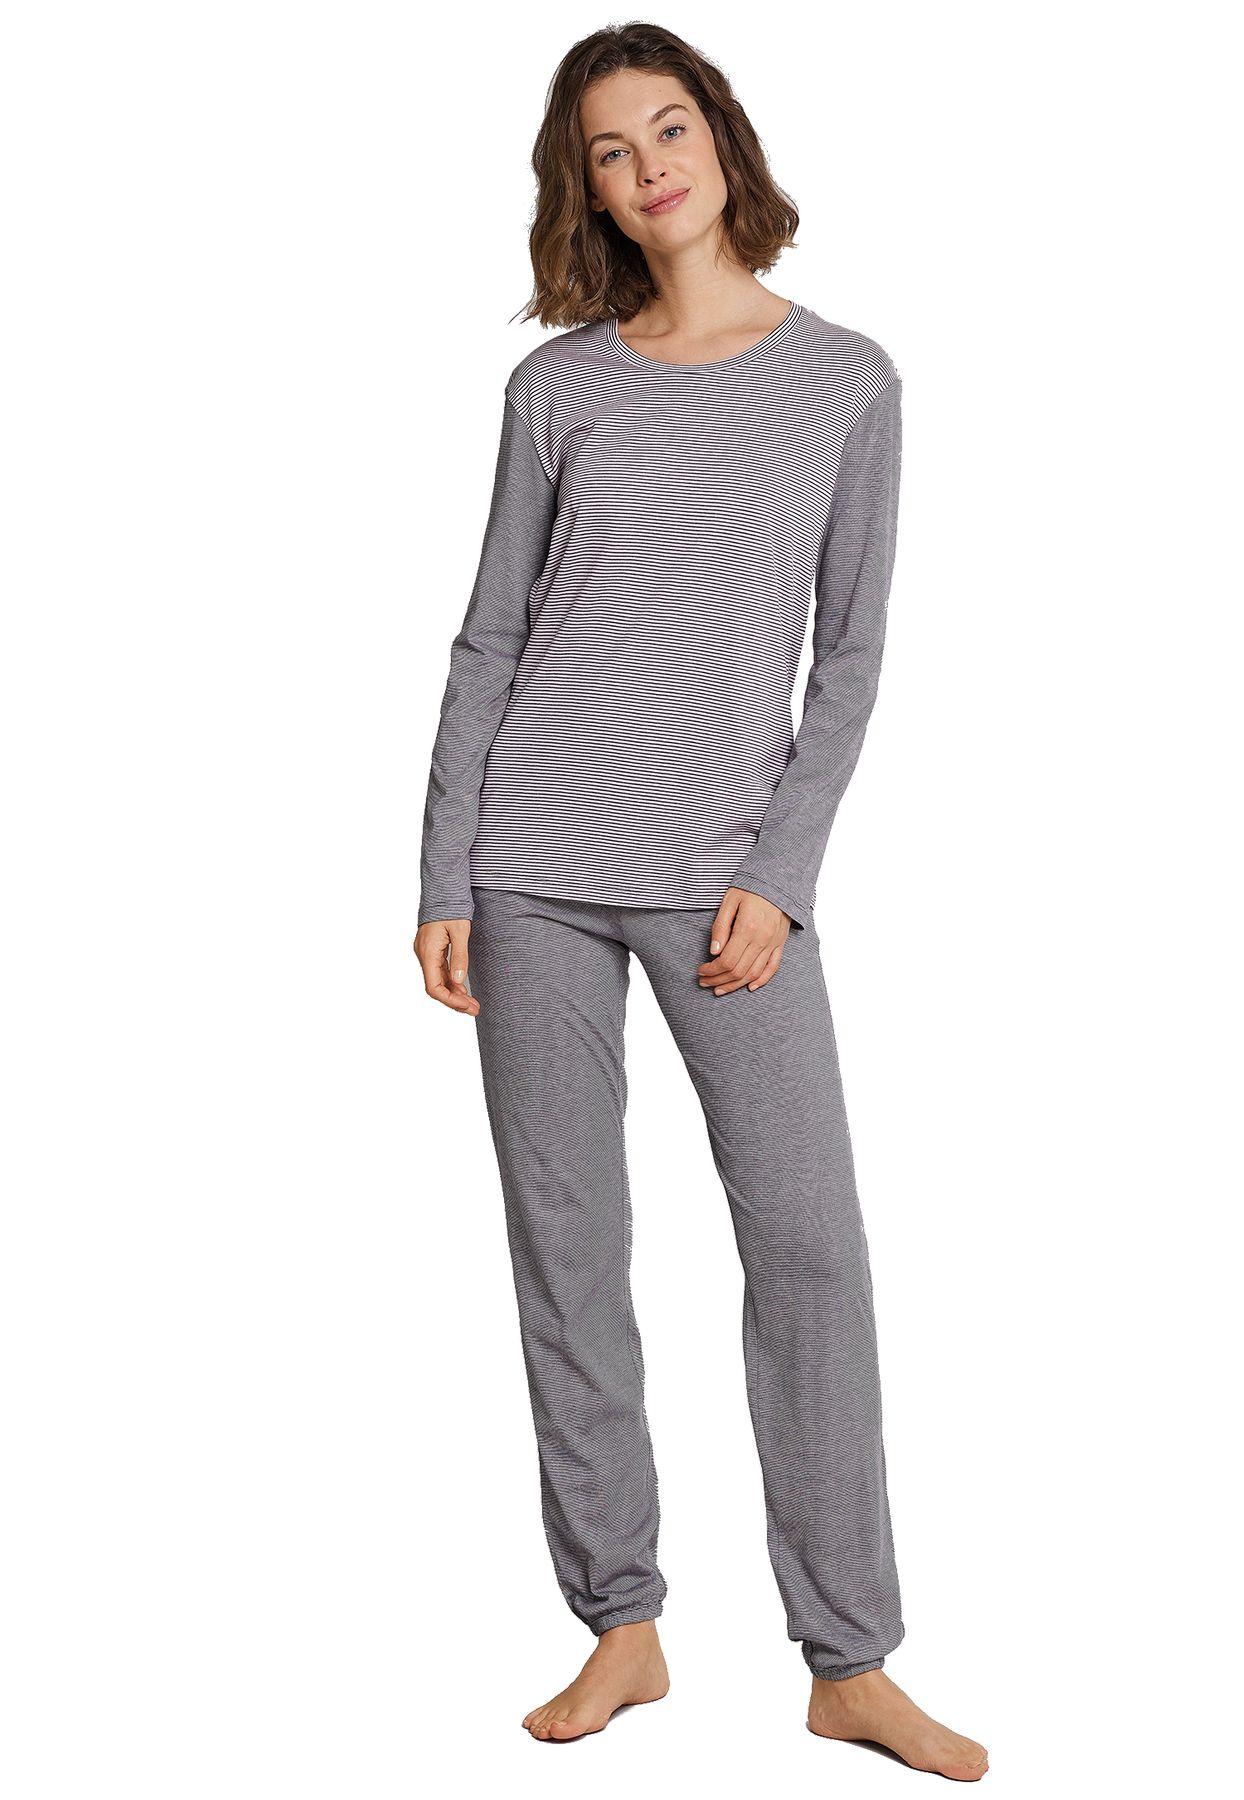 Schiesser - Damen Schlafanzug lang, Ringel graphit-rosa - Attitude (162944-207) – Bild 1